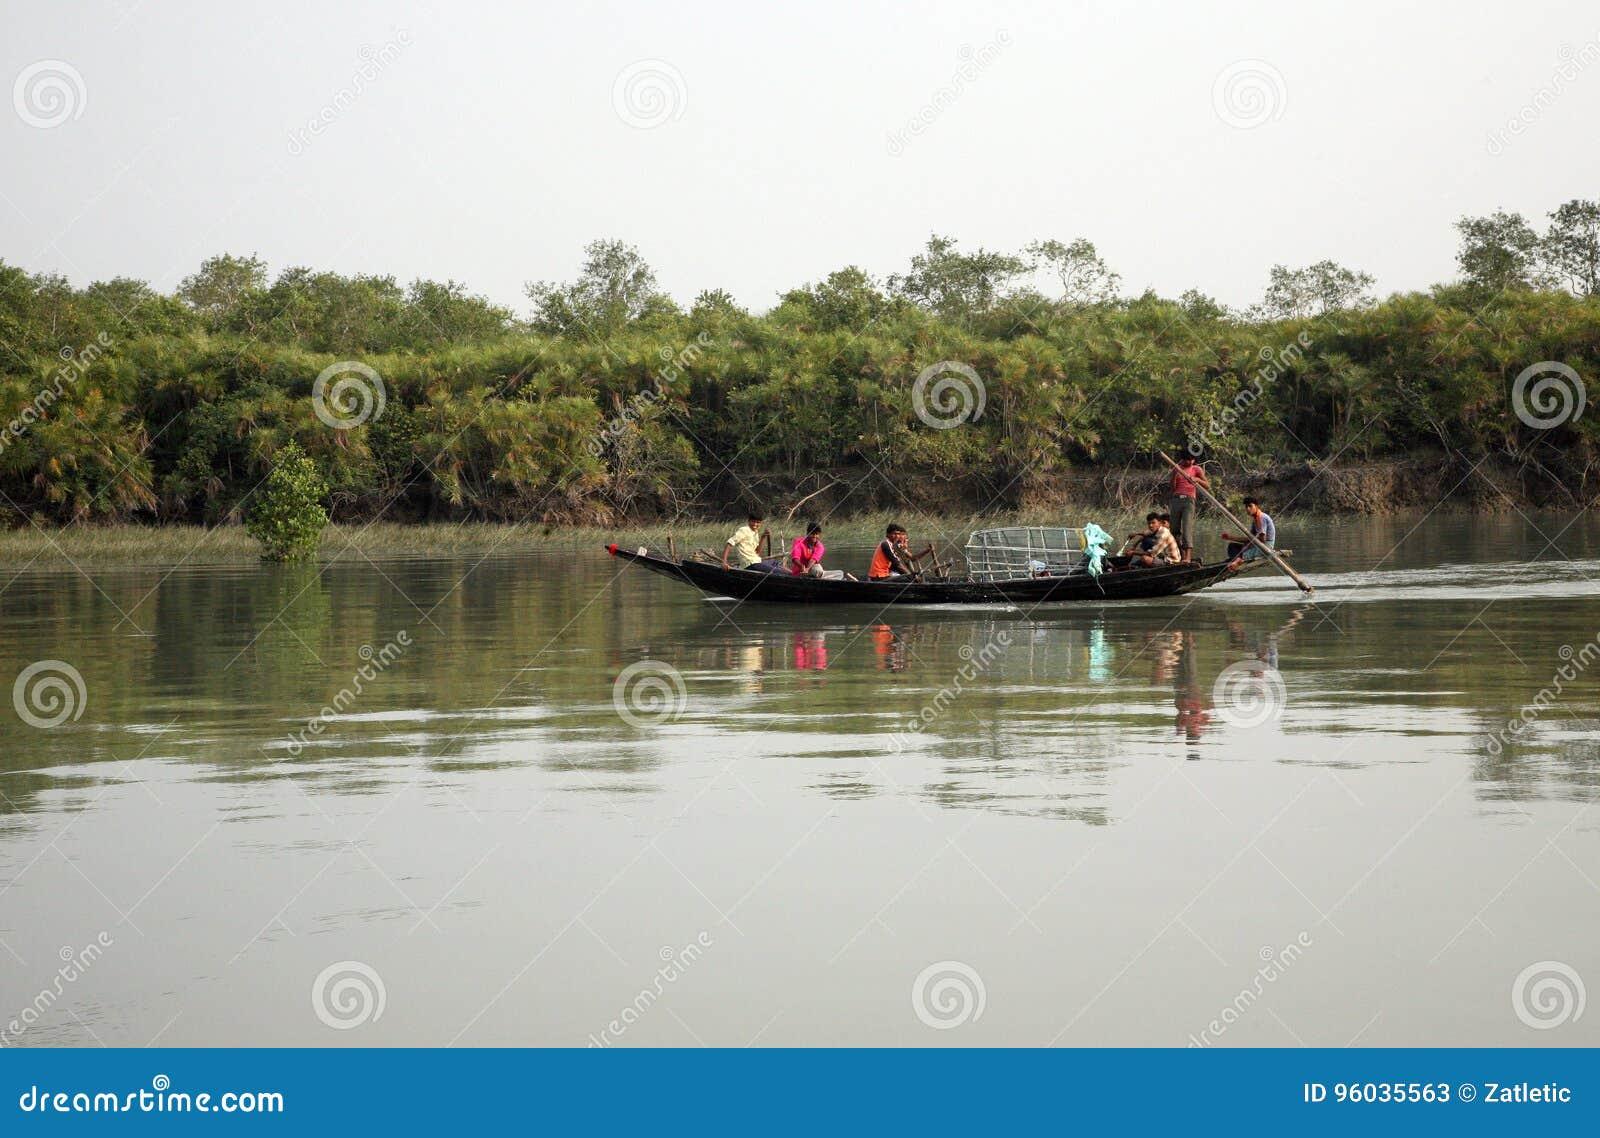 Drewniana łódź krzyżuje Ganges rzekę w Sundarbans, Zachodni Bengalia, India